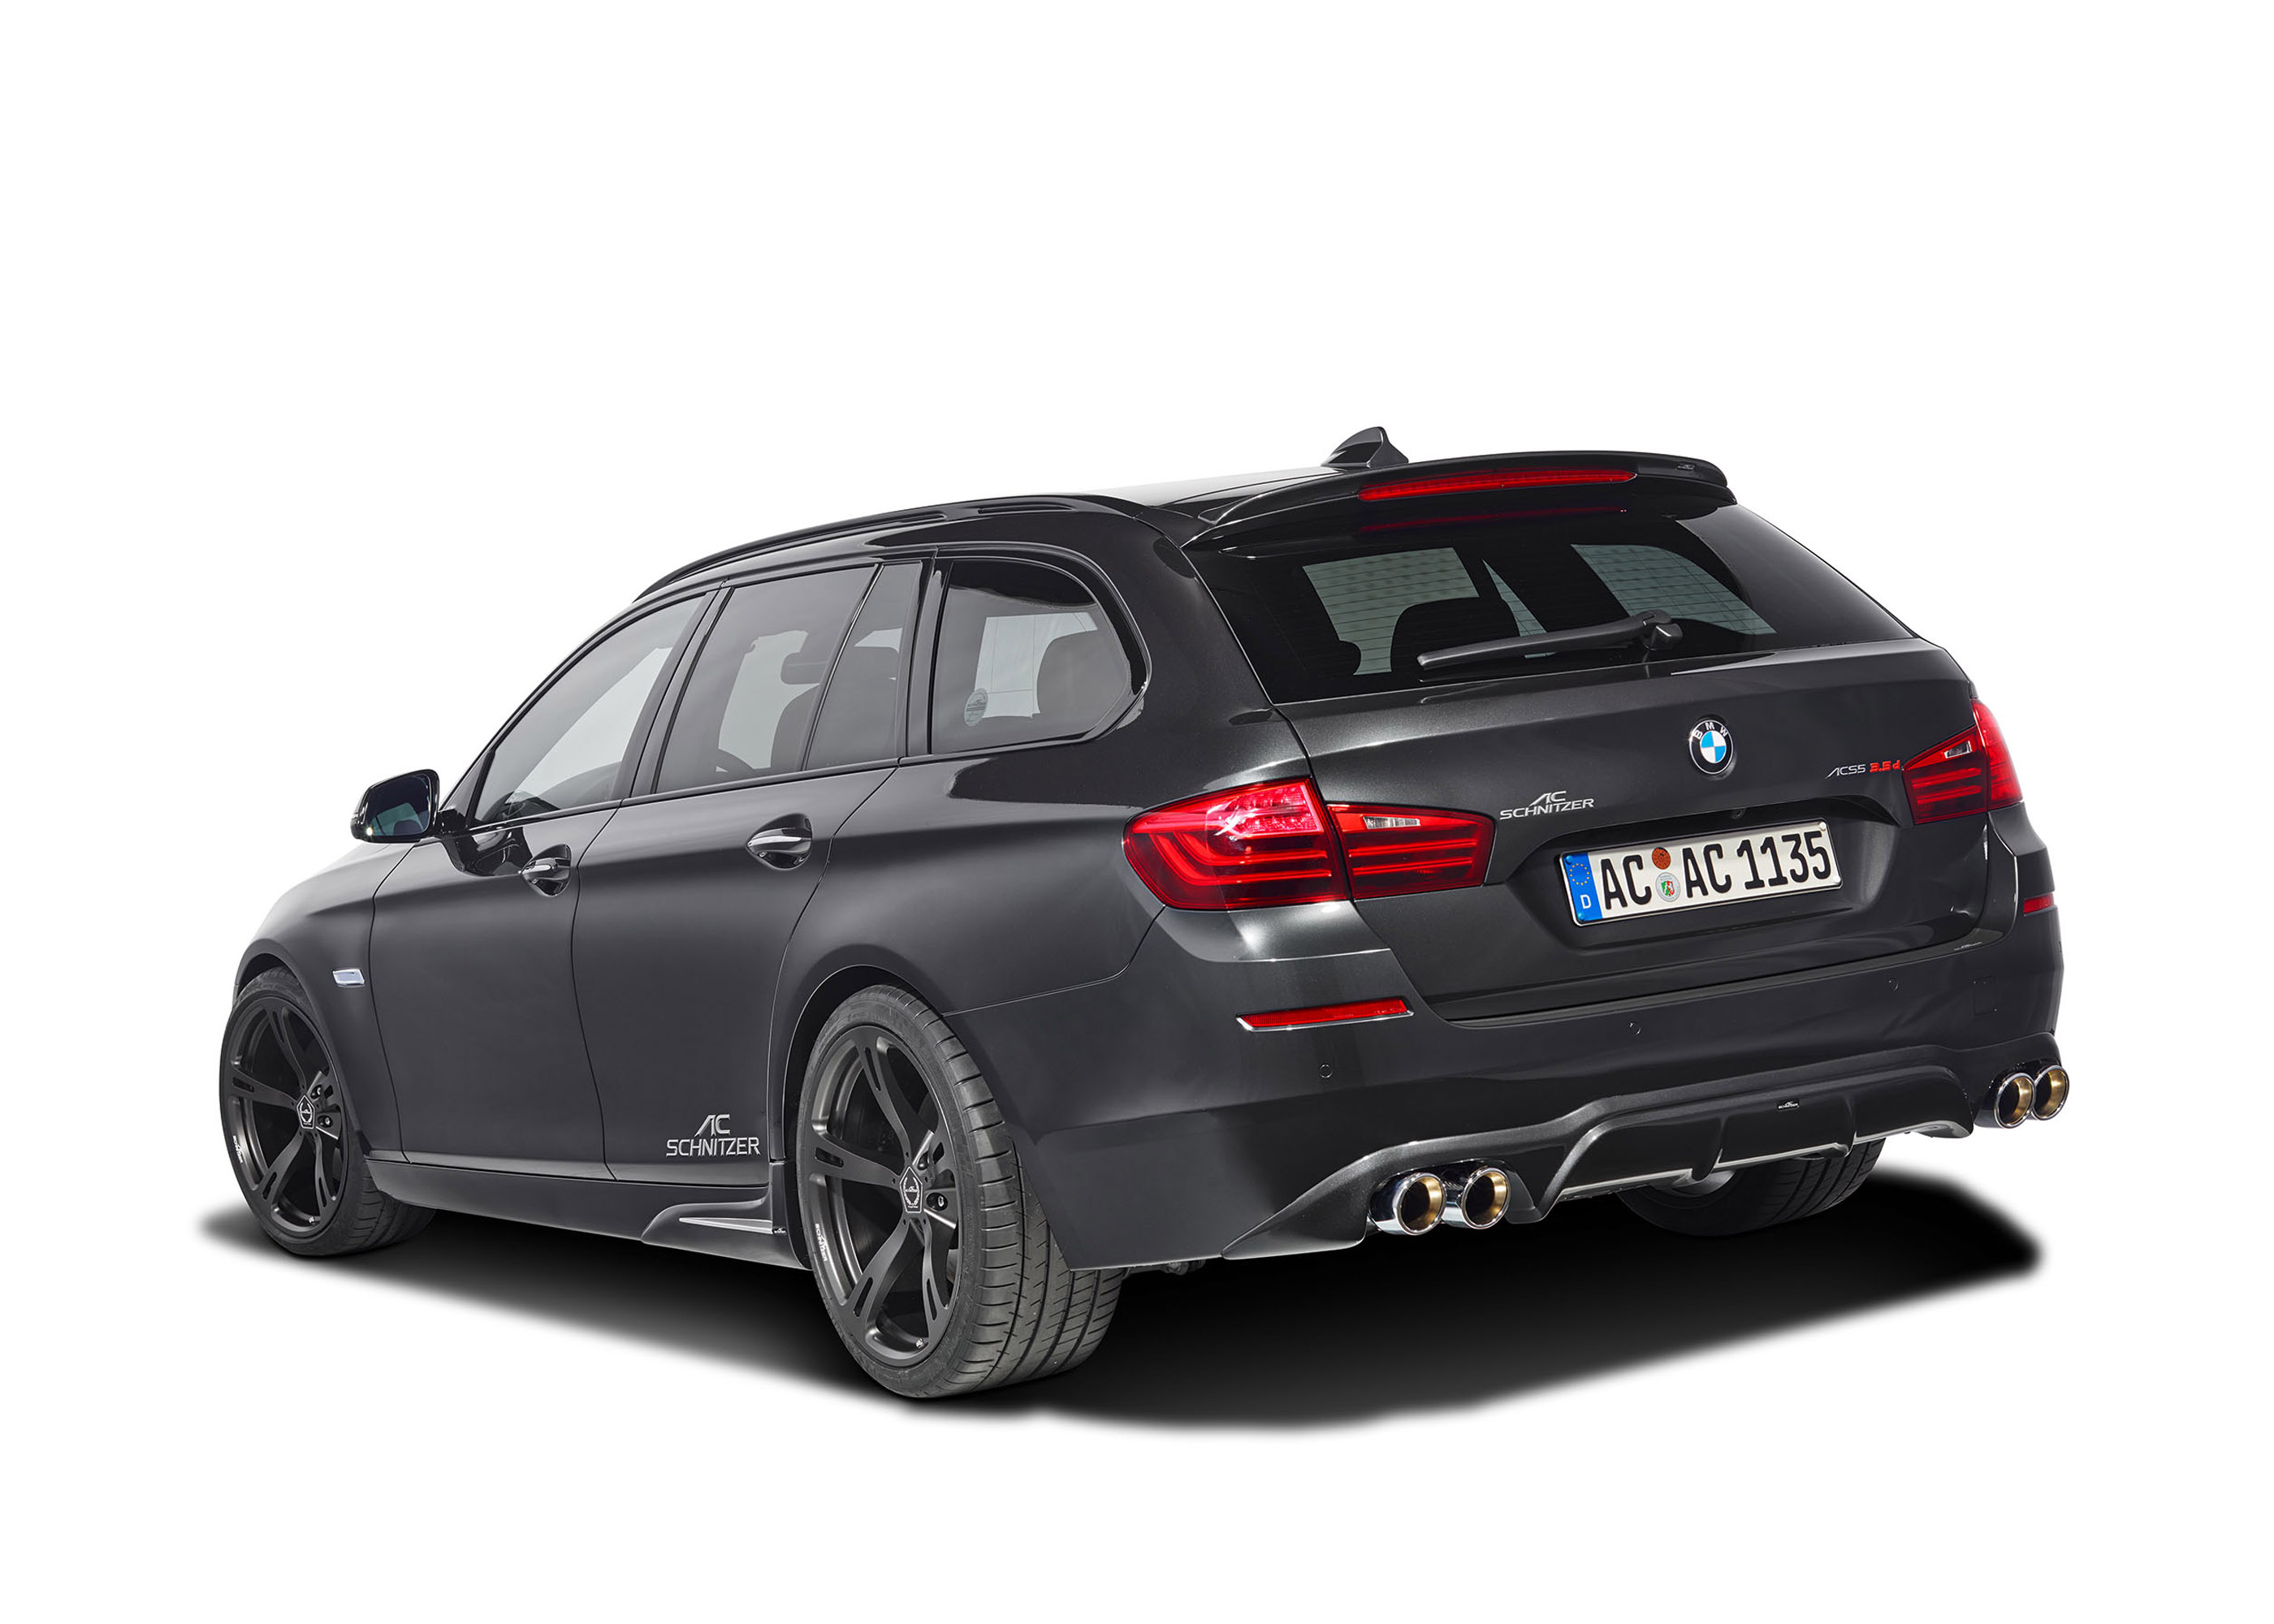 АС Шнитцер BMW 5 серии туринг ЛКИ Эссене дебютирует на мотор-шоу  - фотография №12